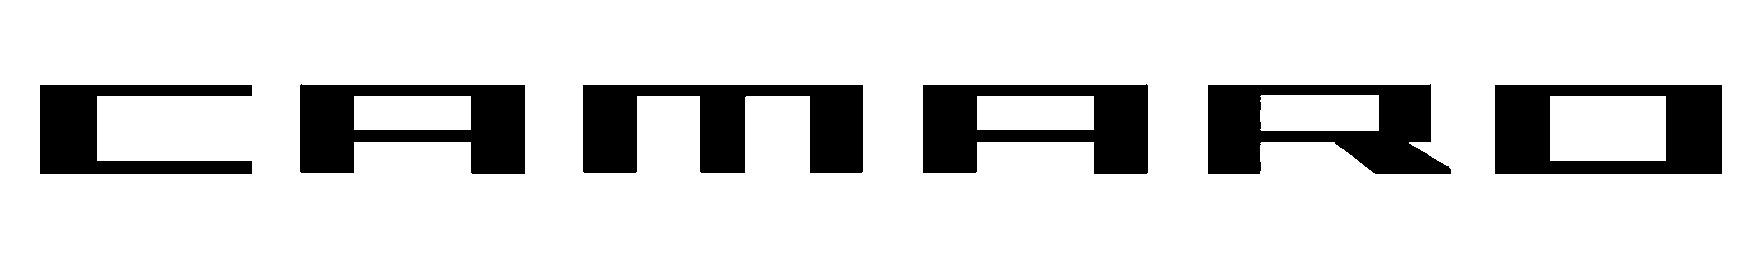 Camaro SS Logo Vector